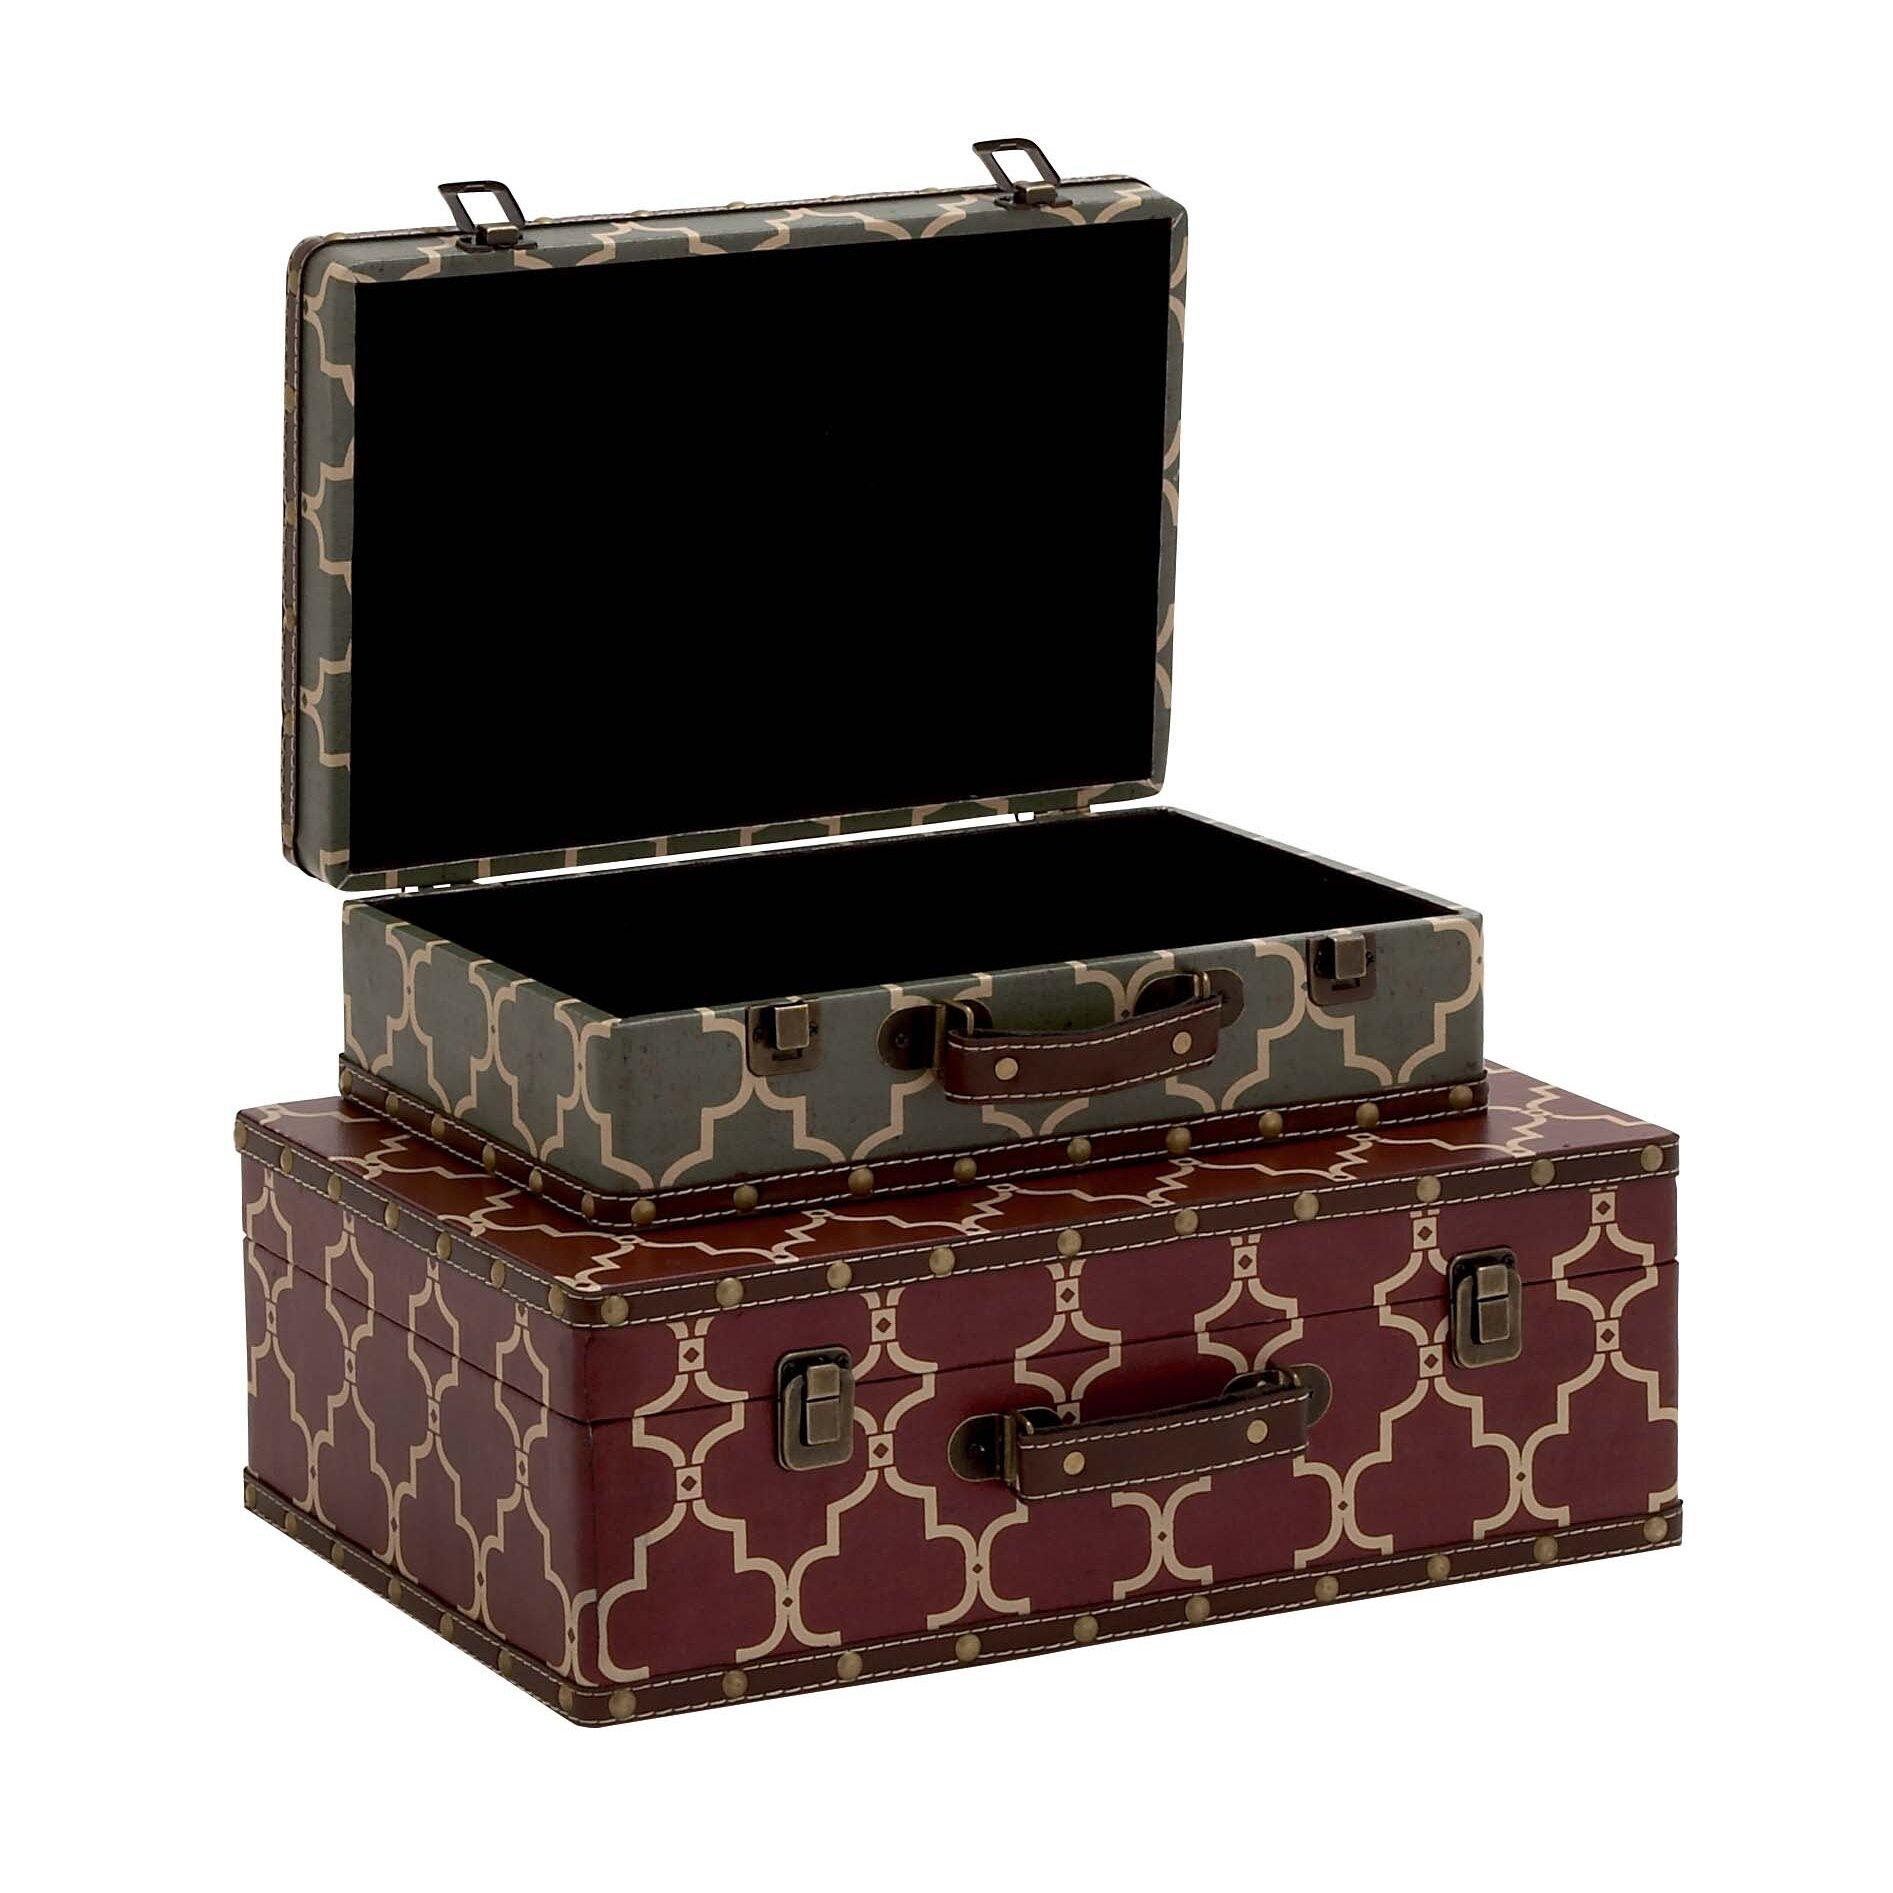 Cole grey wood vinyl suitcase 2 piece decorative box set for Decor containers coles